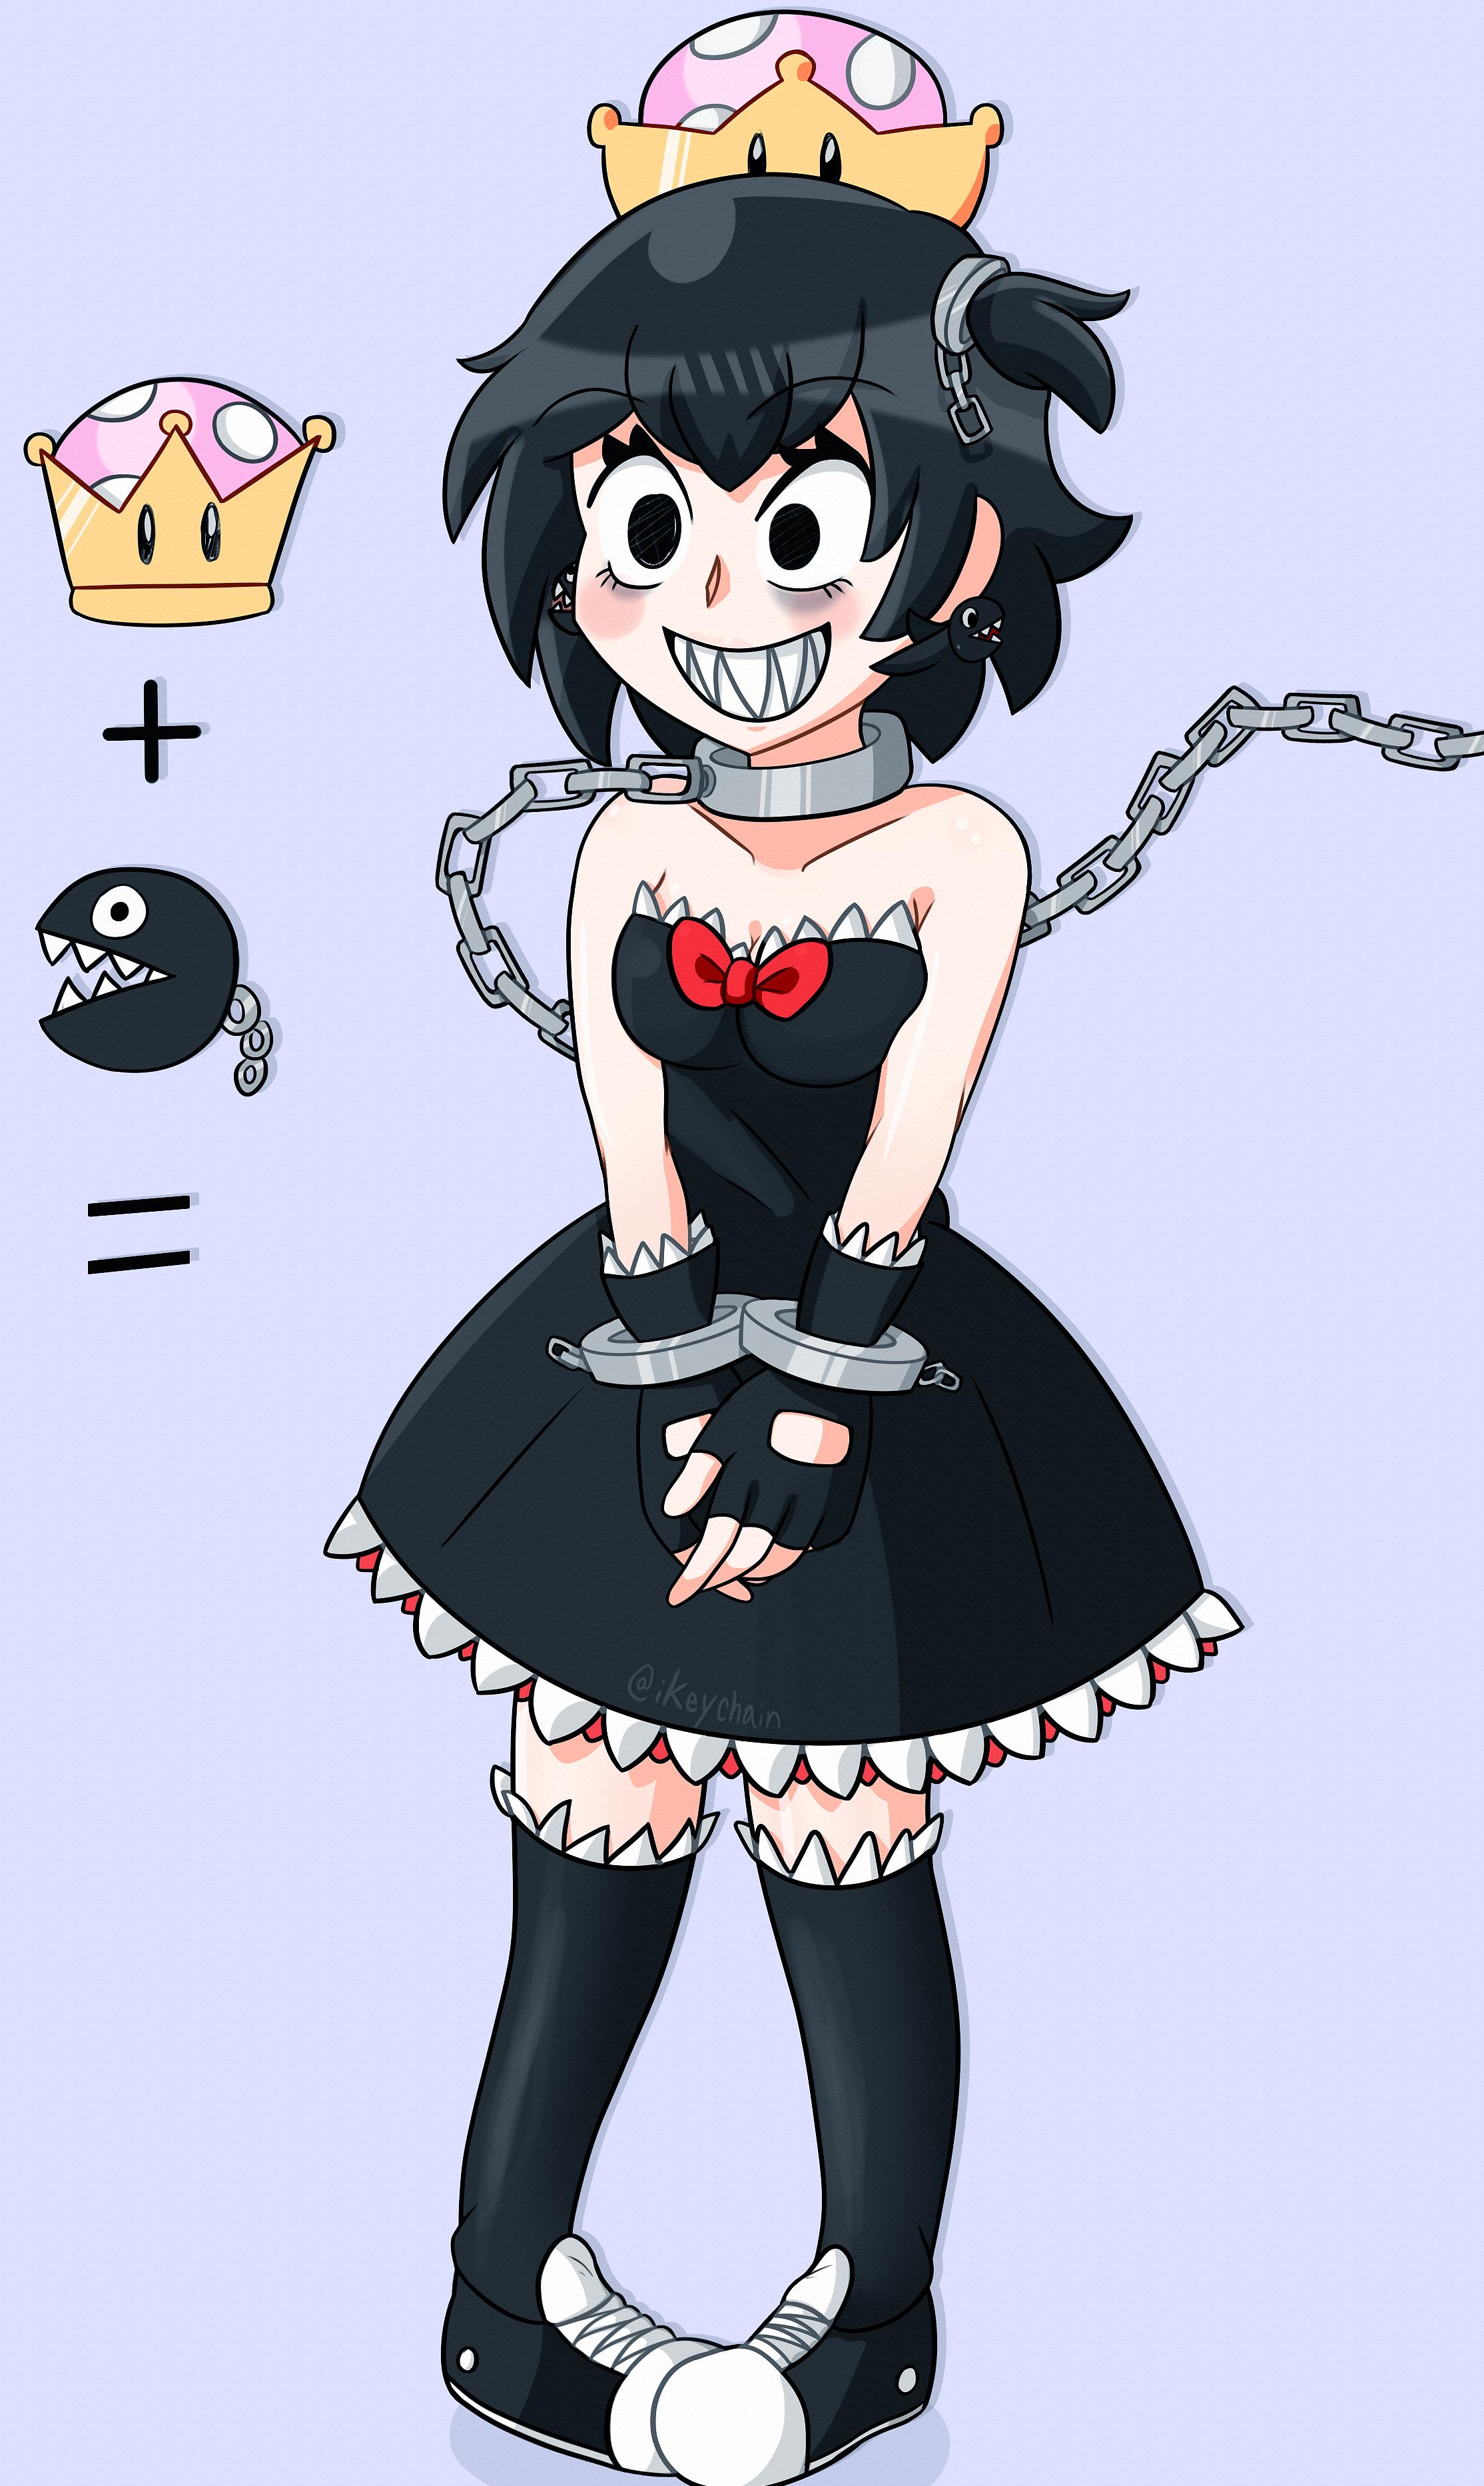 Chain Chompette